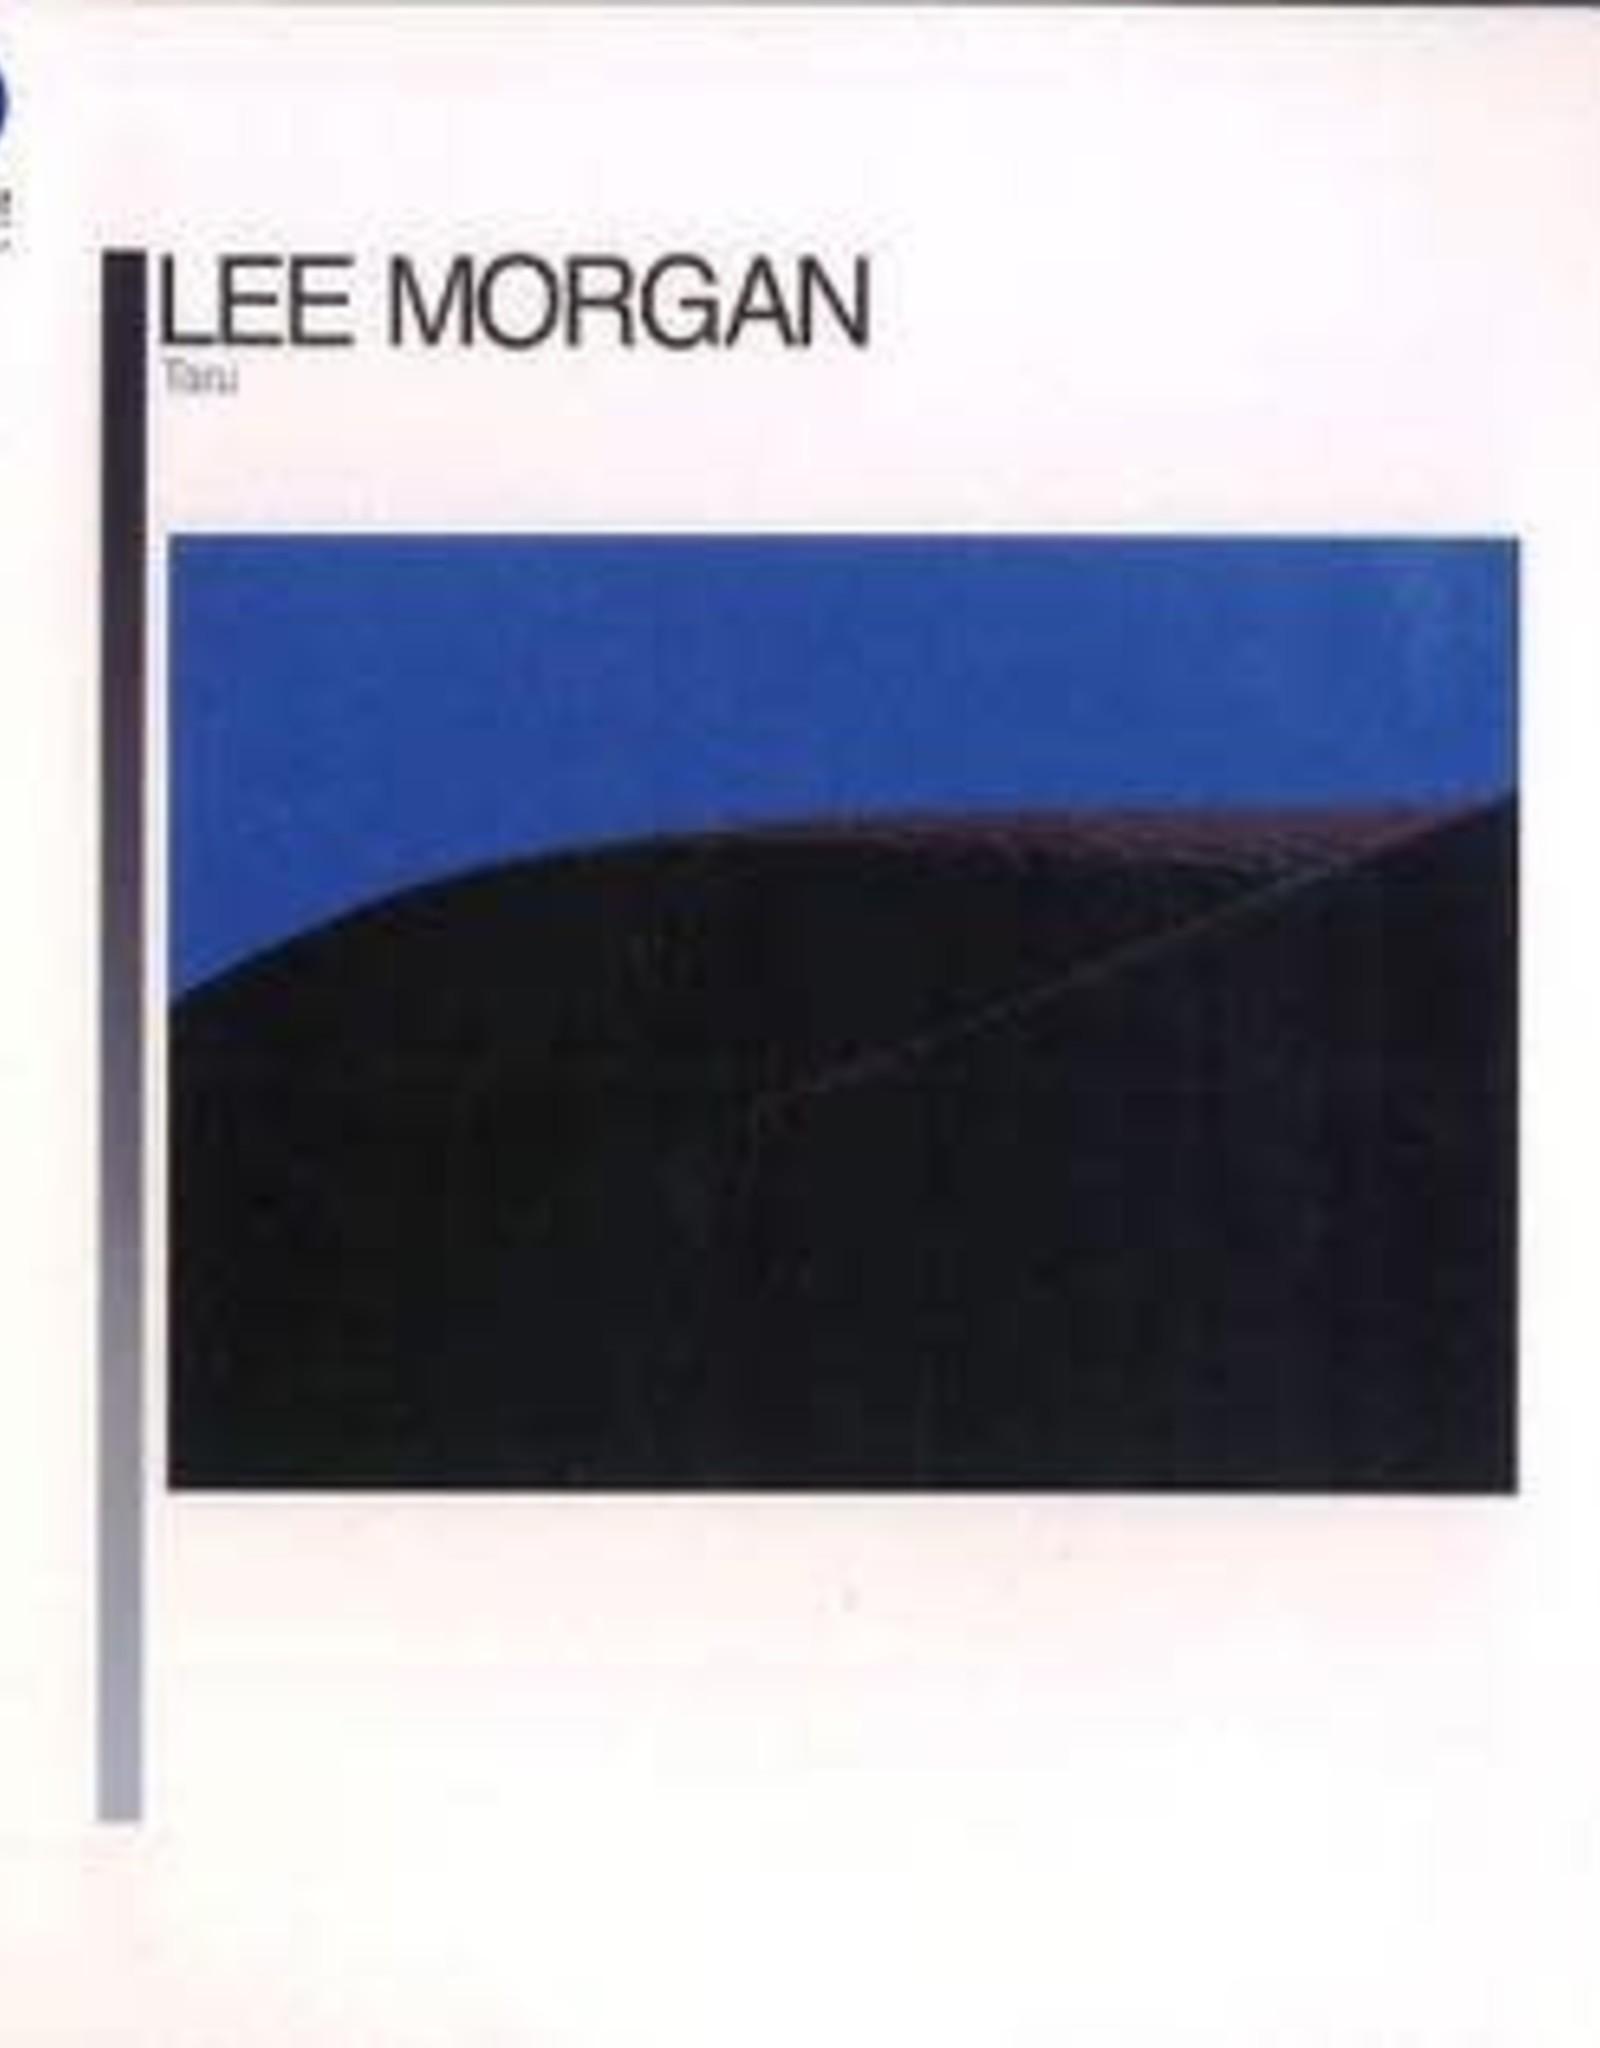 Lee Morgan - Taru